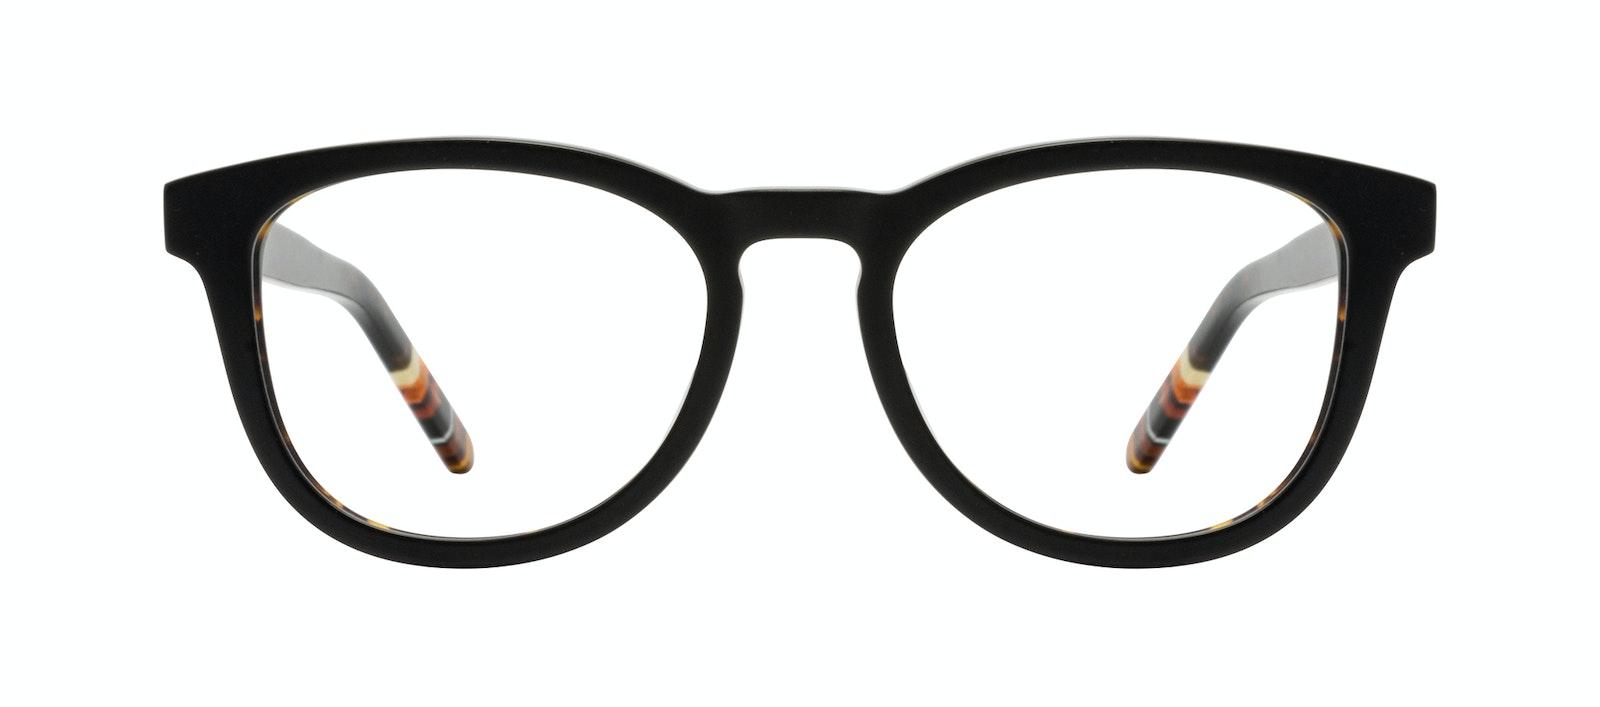 Affordable Fashion Glasses Round Eyeglasses Men Goal Black Tort Front